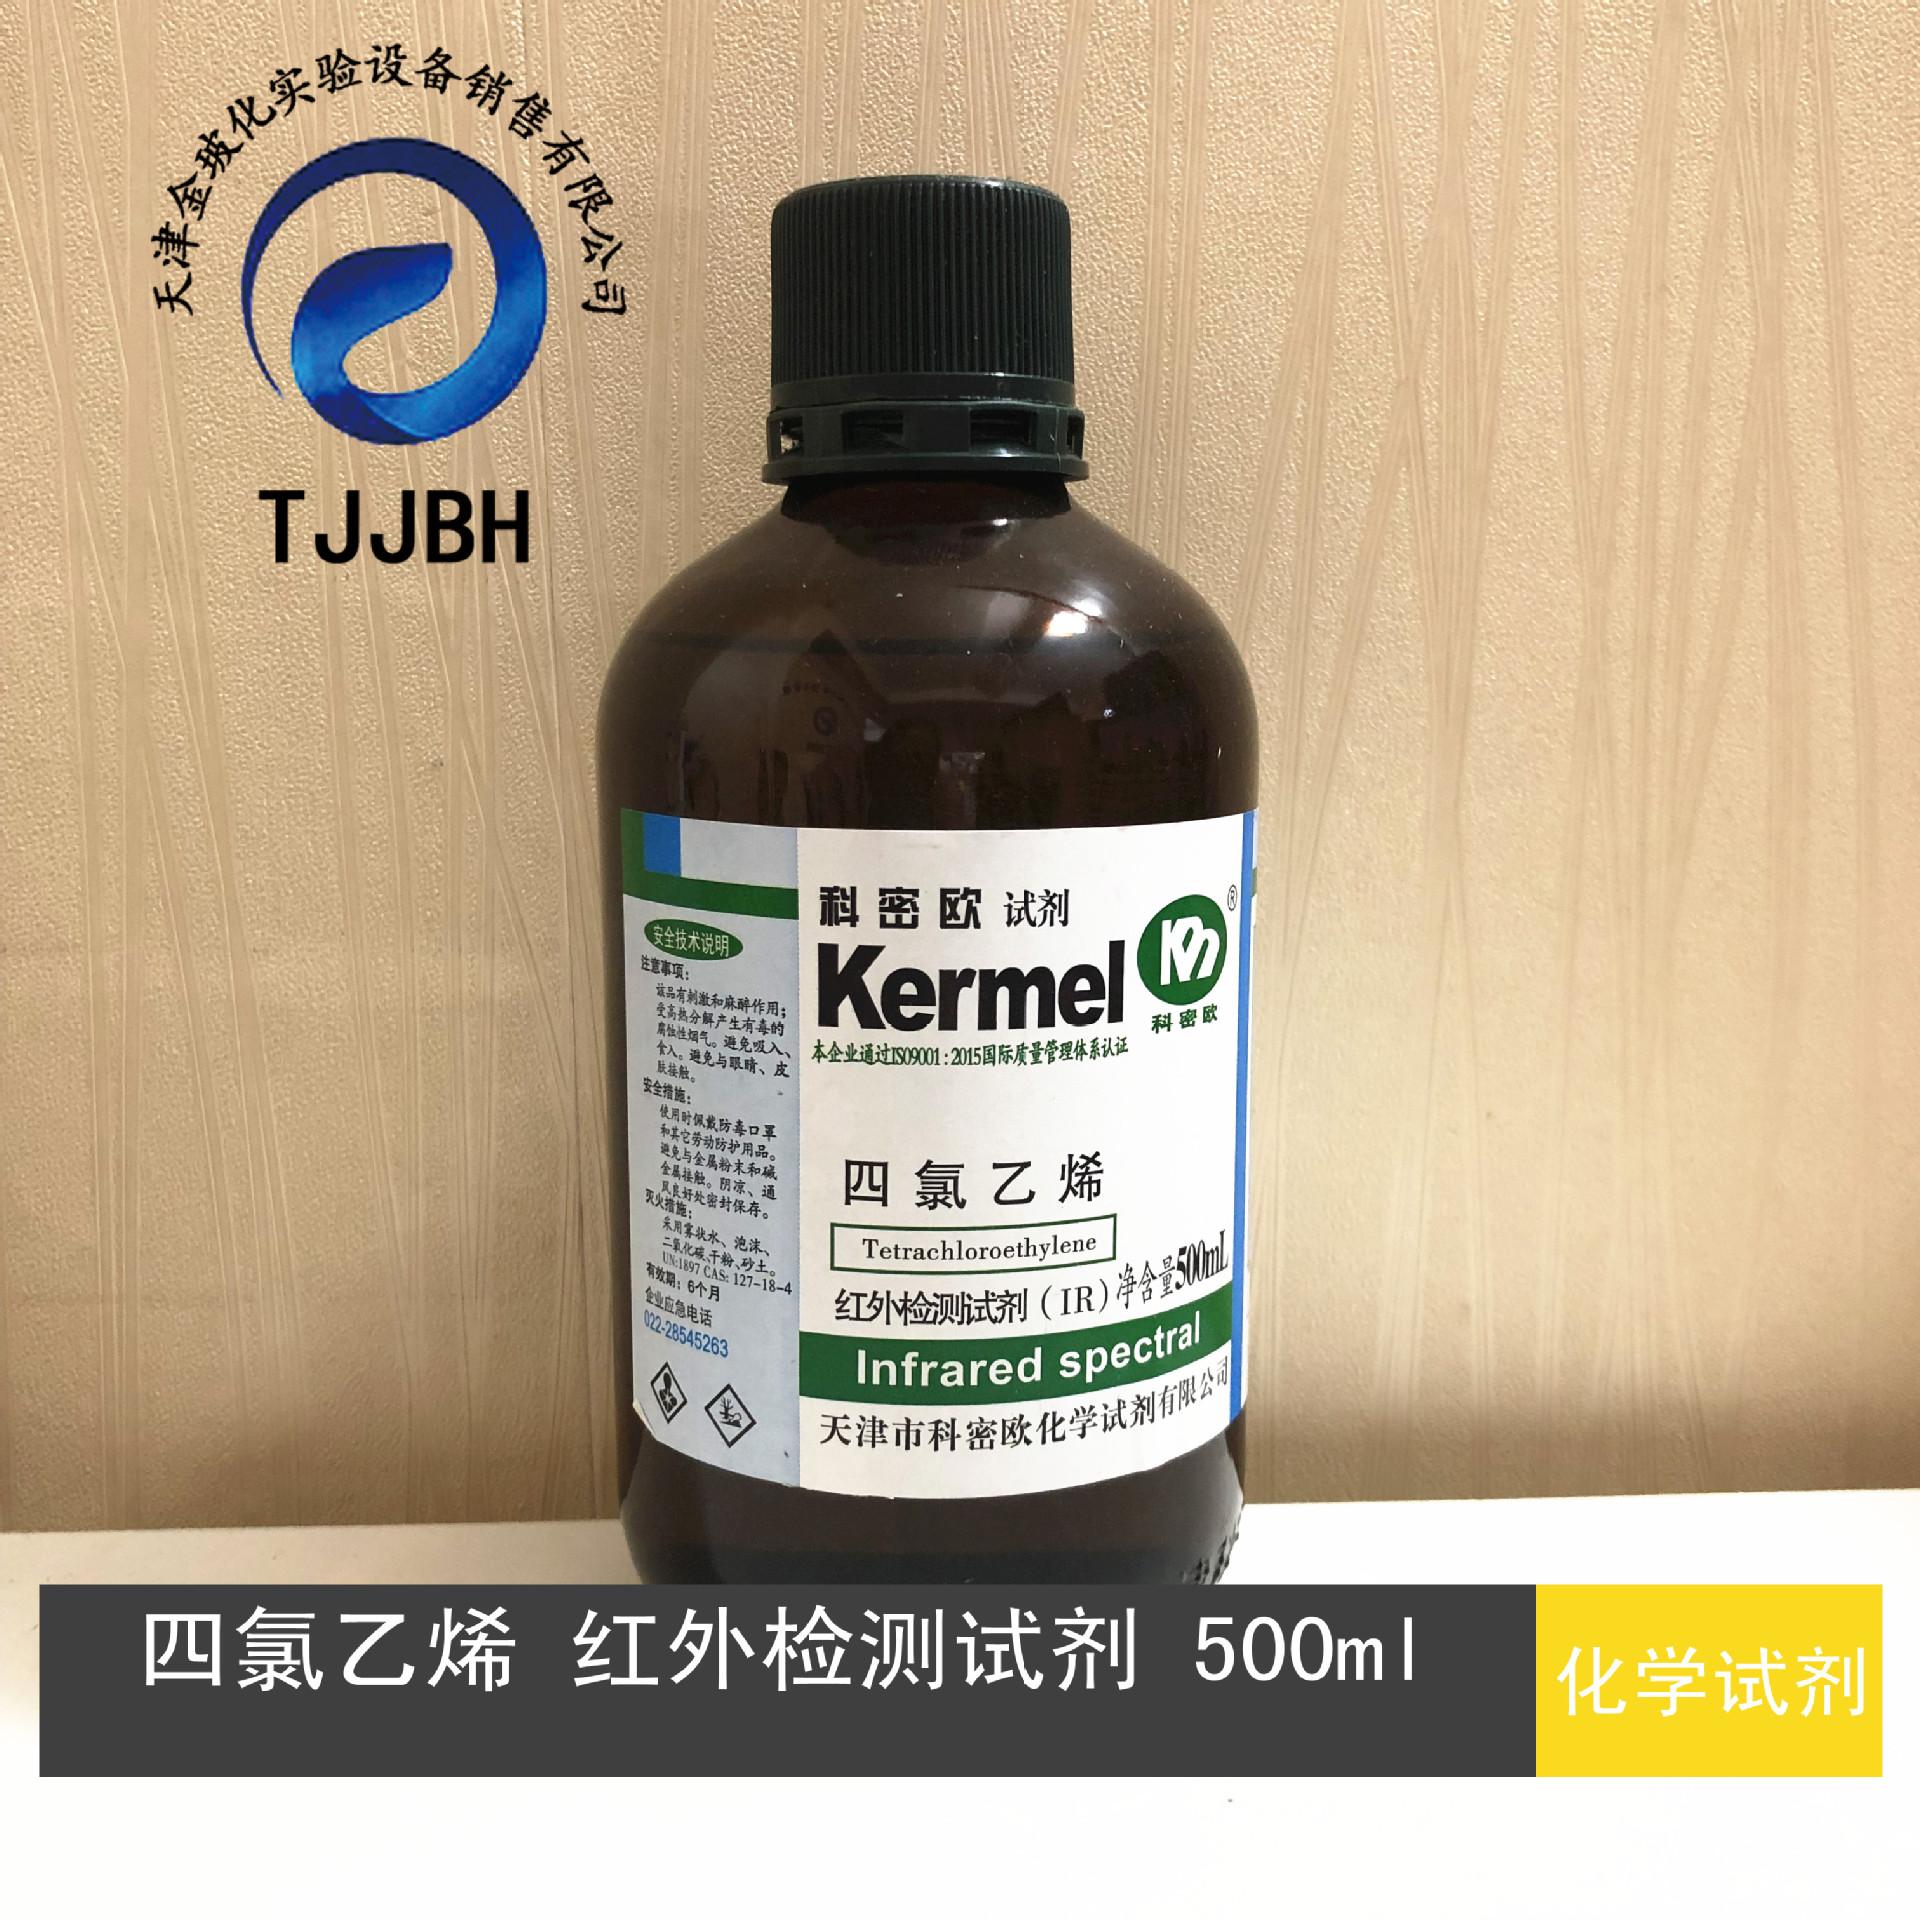 Thuốc thử thường dùng tetrachloroethylene, bảo vệ môi trường 500ml